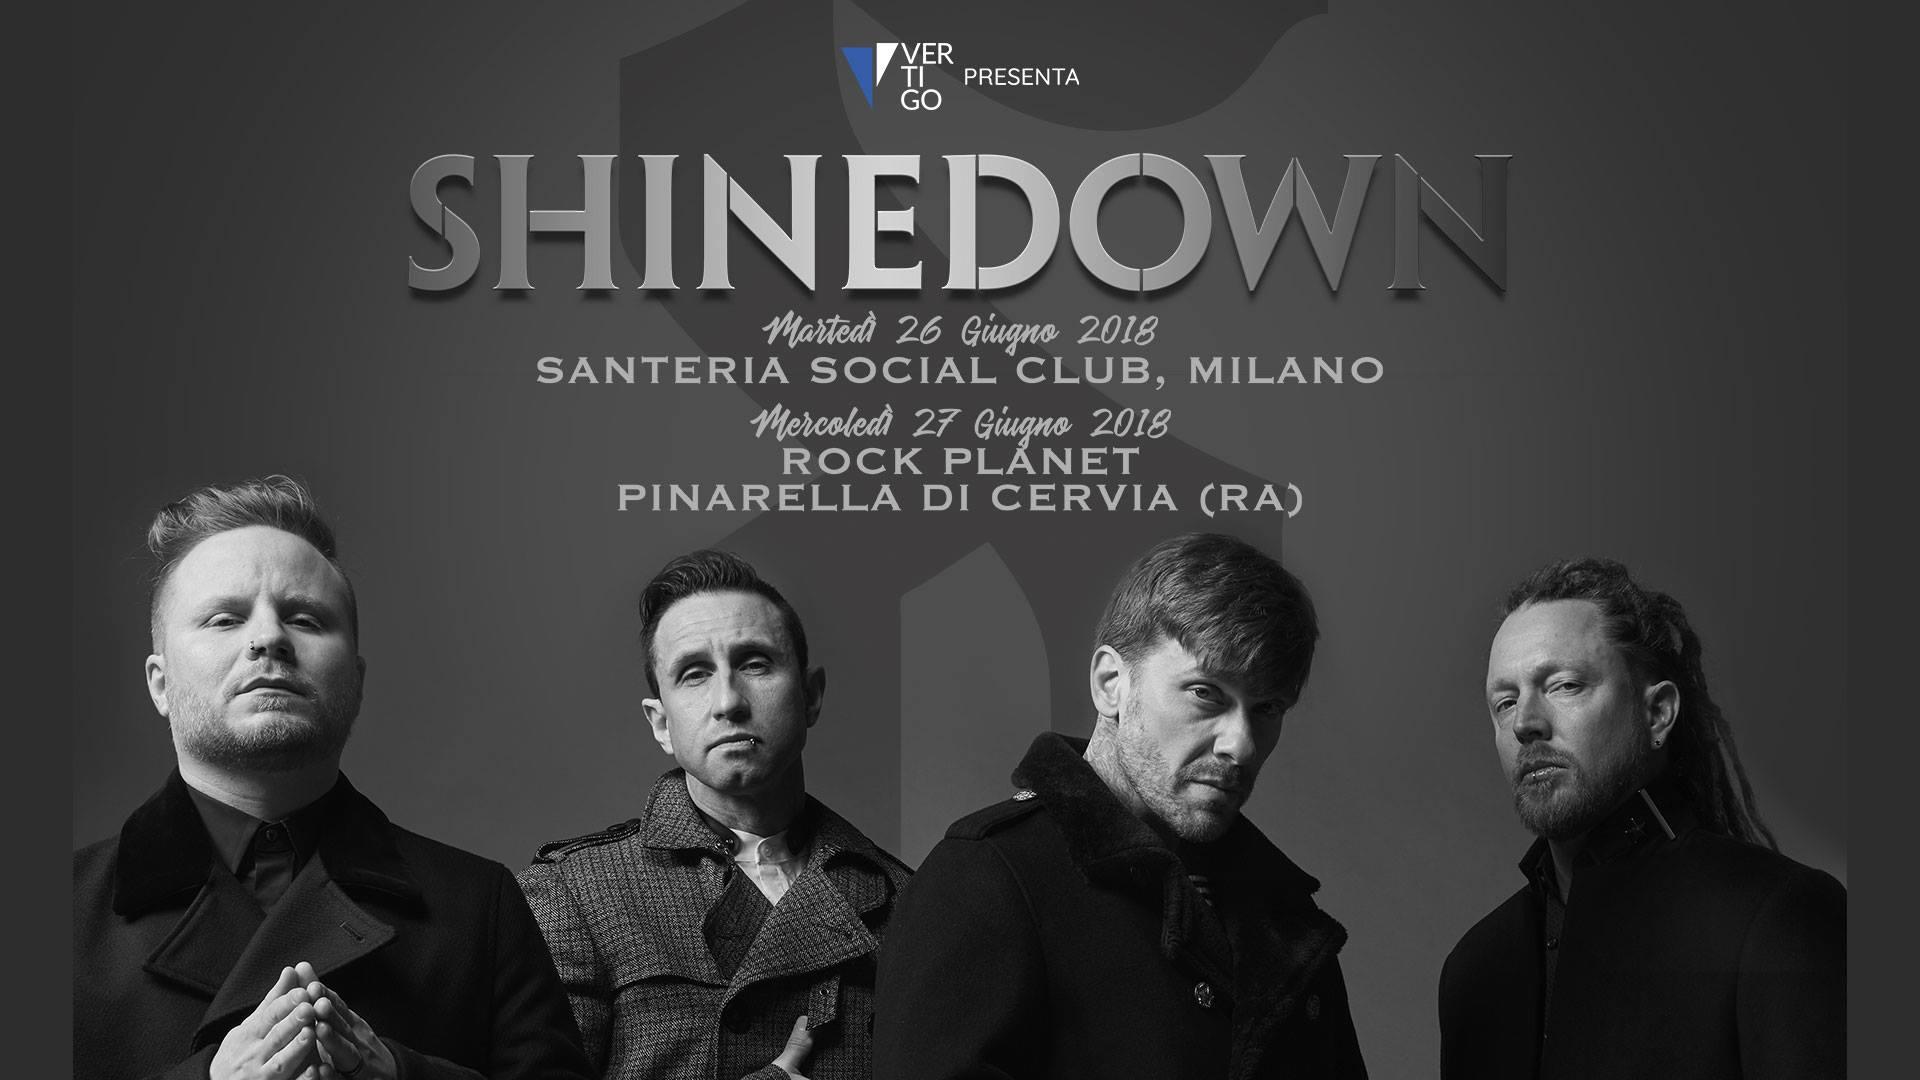 SHINEDOWN - A Giugno in Italia